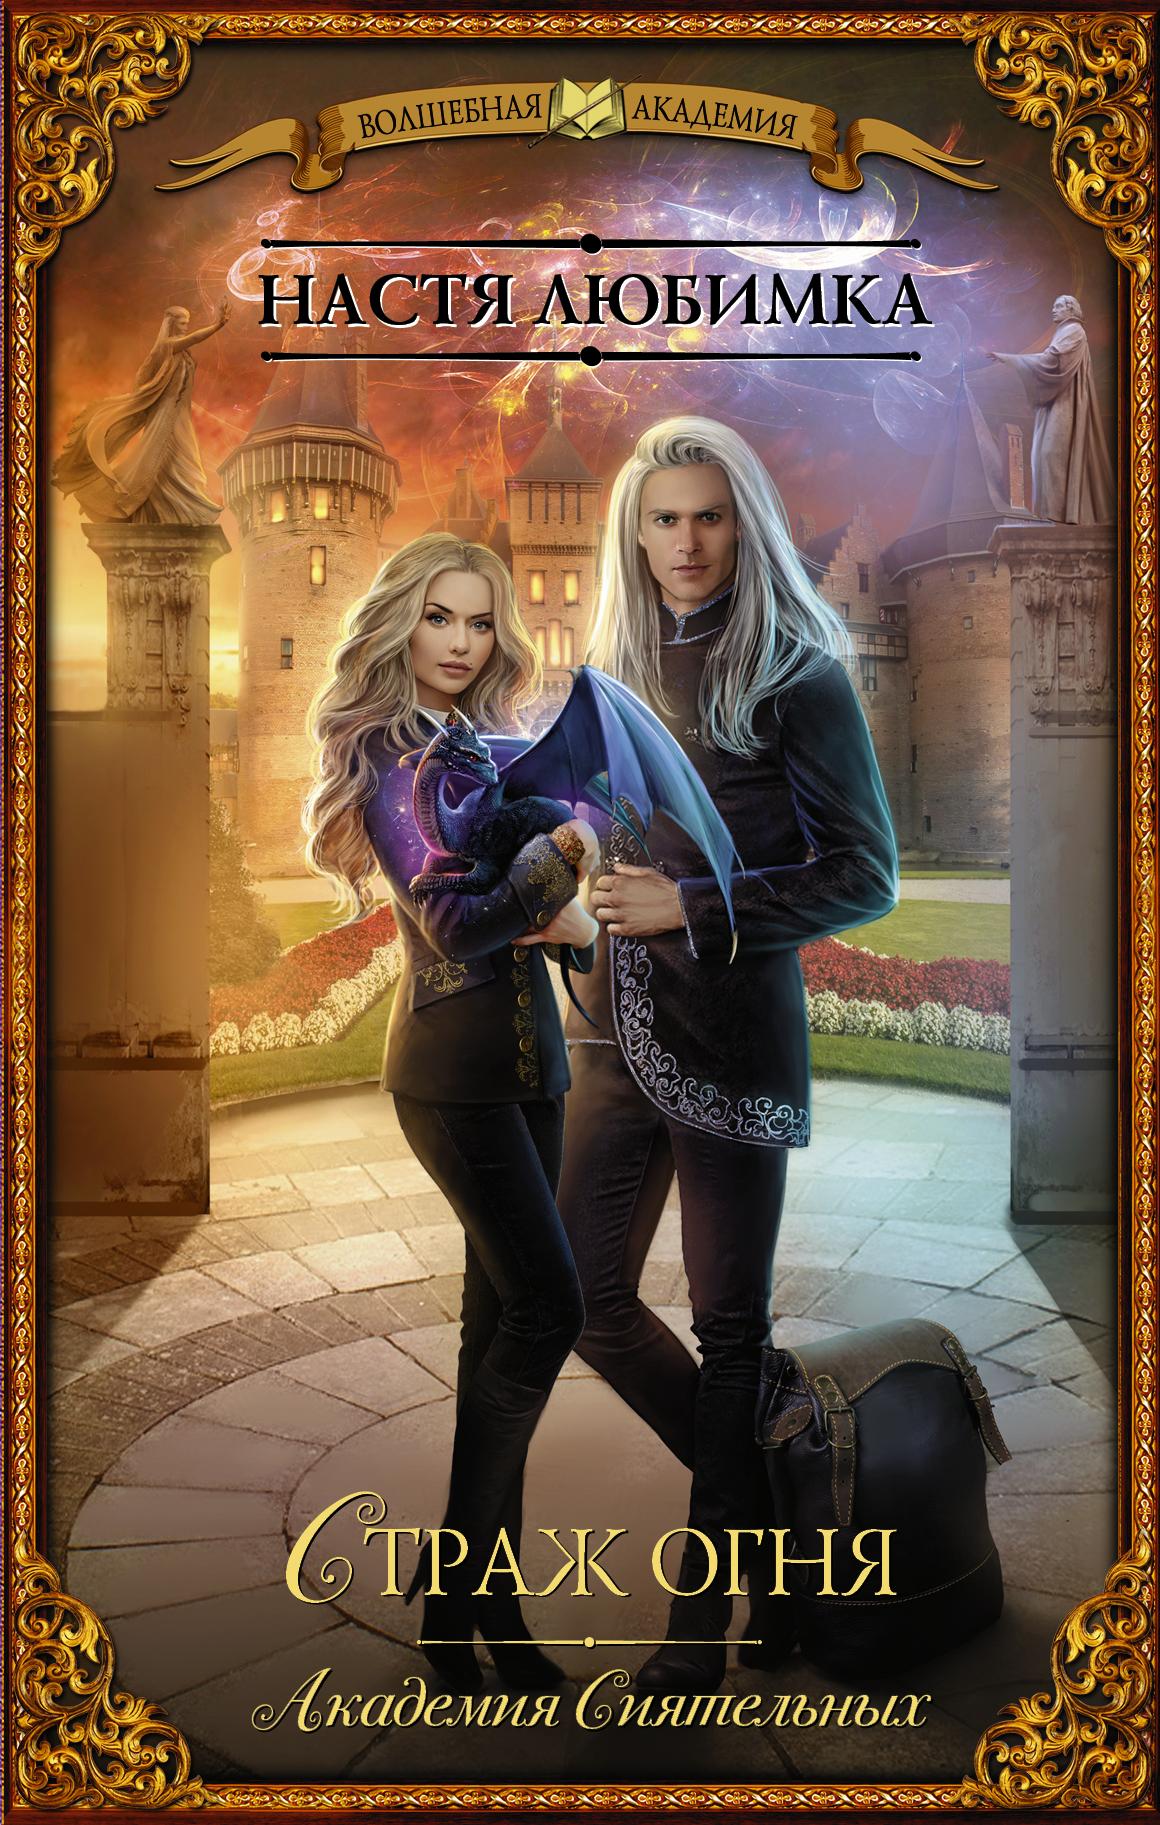 Скачать книги про академию магию любовь